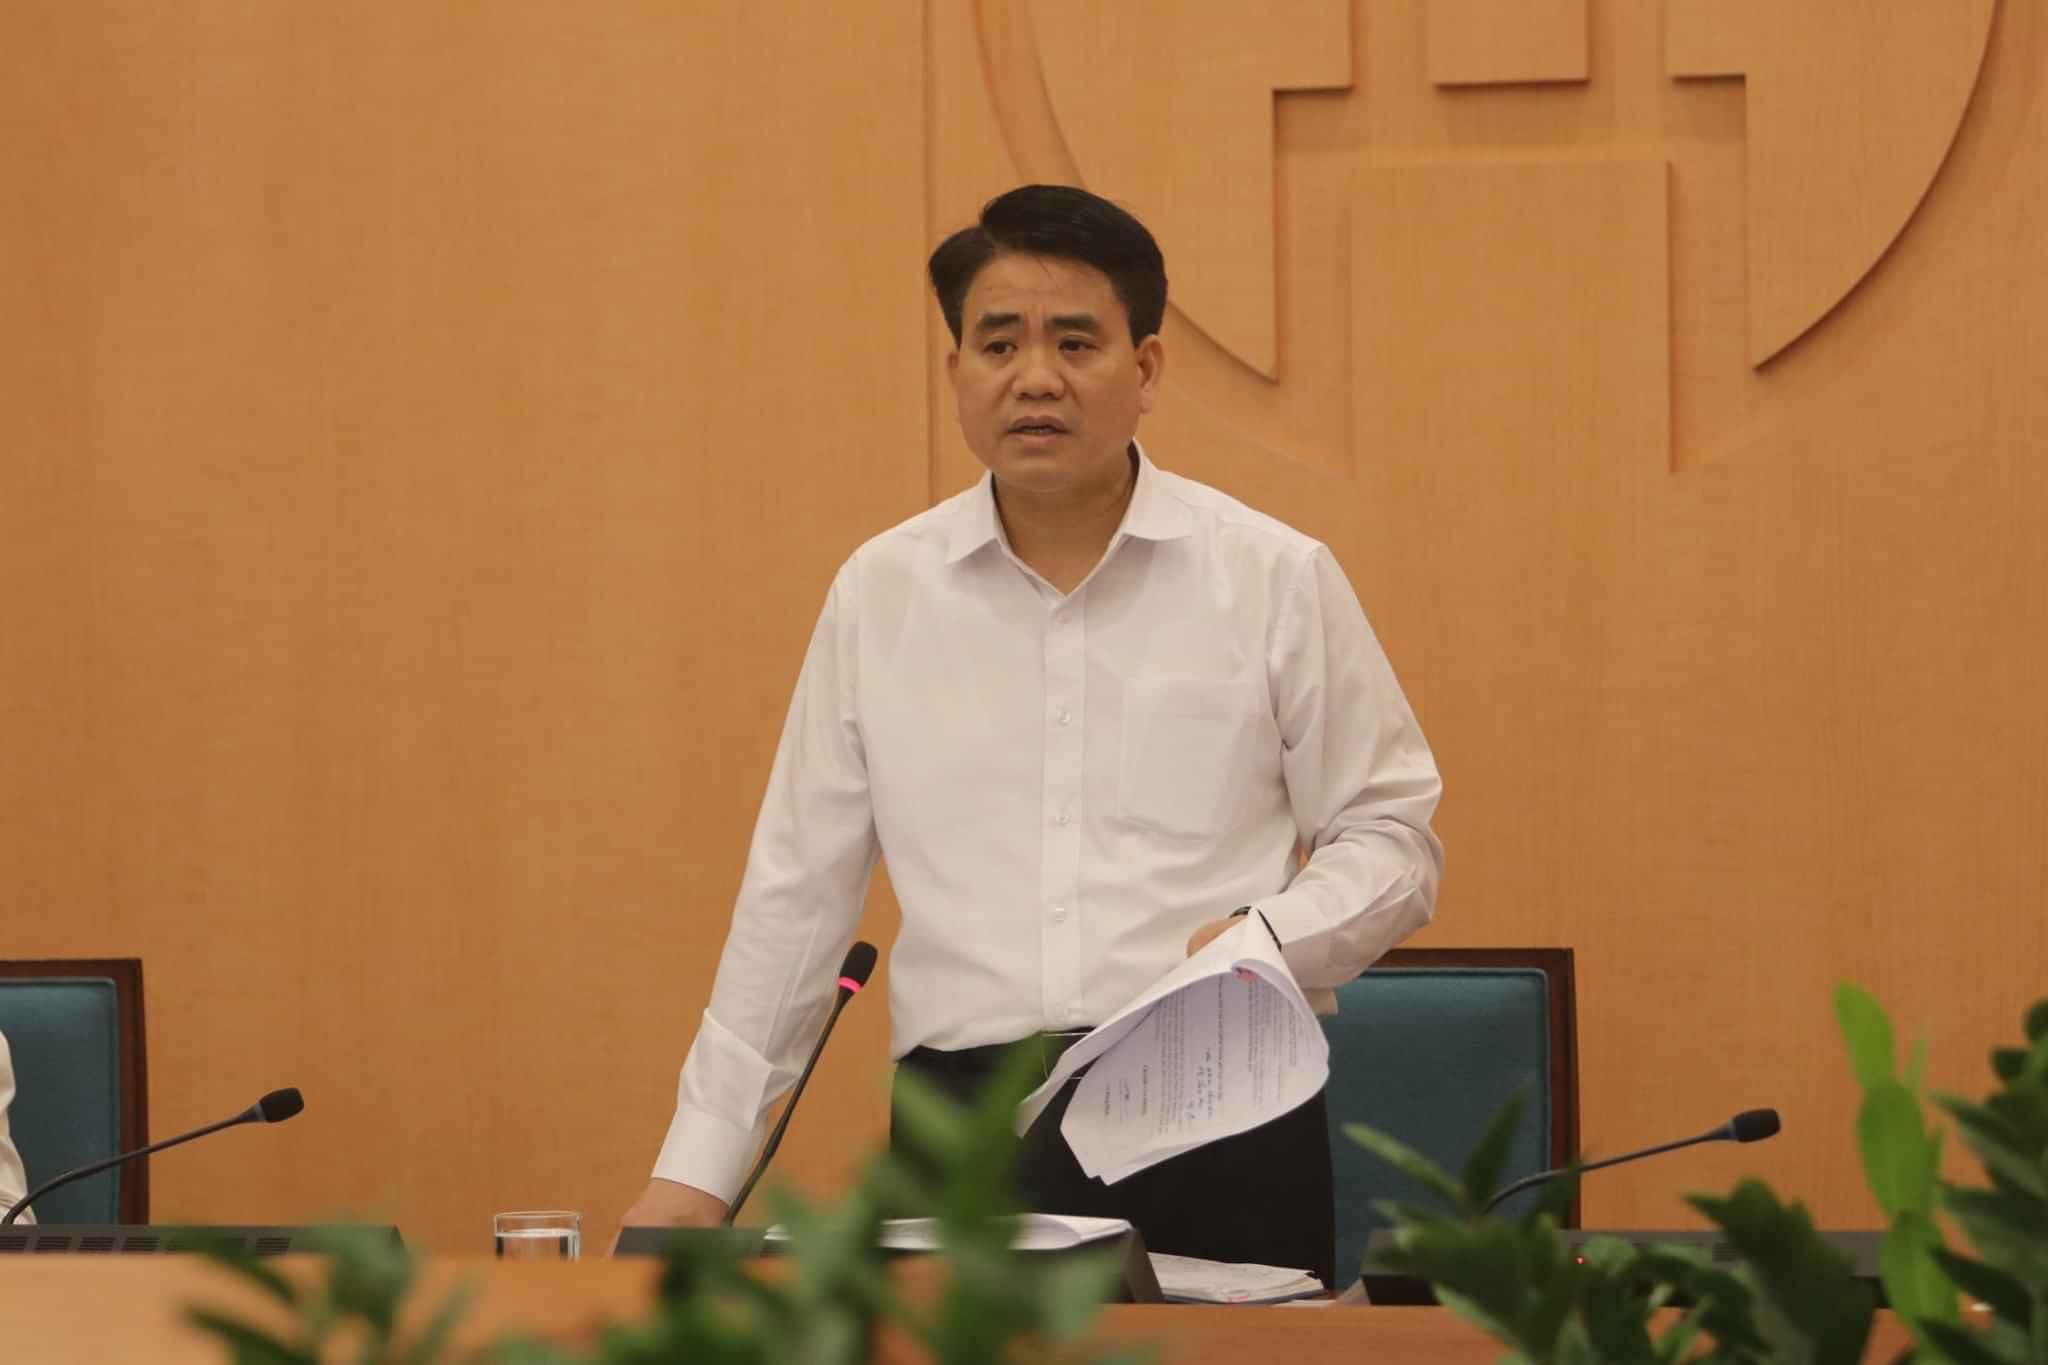 12 ca nhiễm liên quan đến Bệnh viện Bạch Mai: Chủ tịch Hà Nội có chỉ đạo khẩn - 1